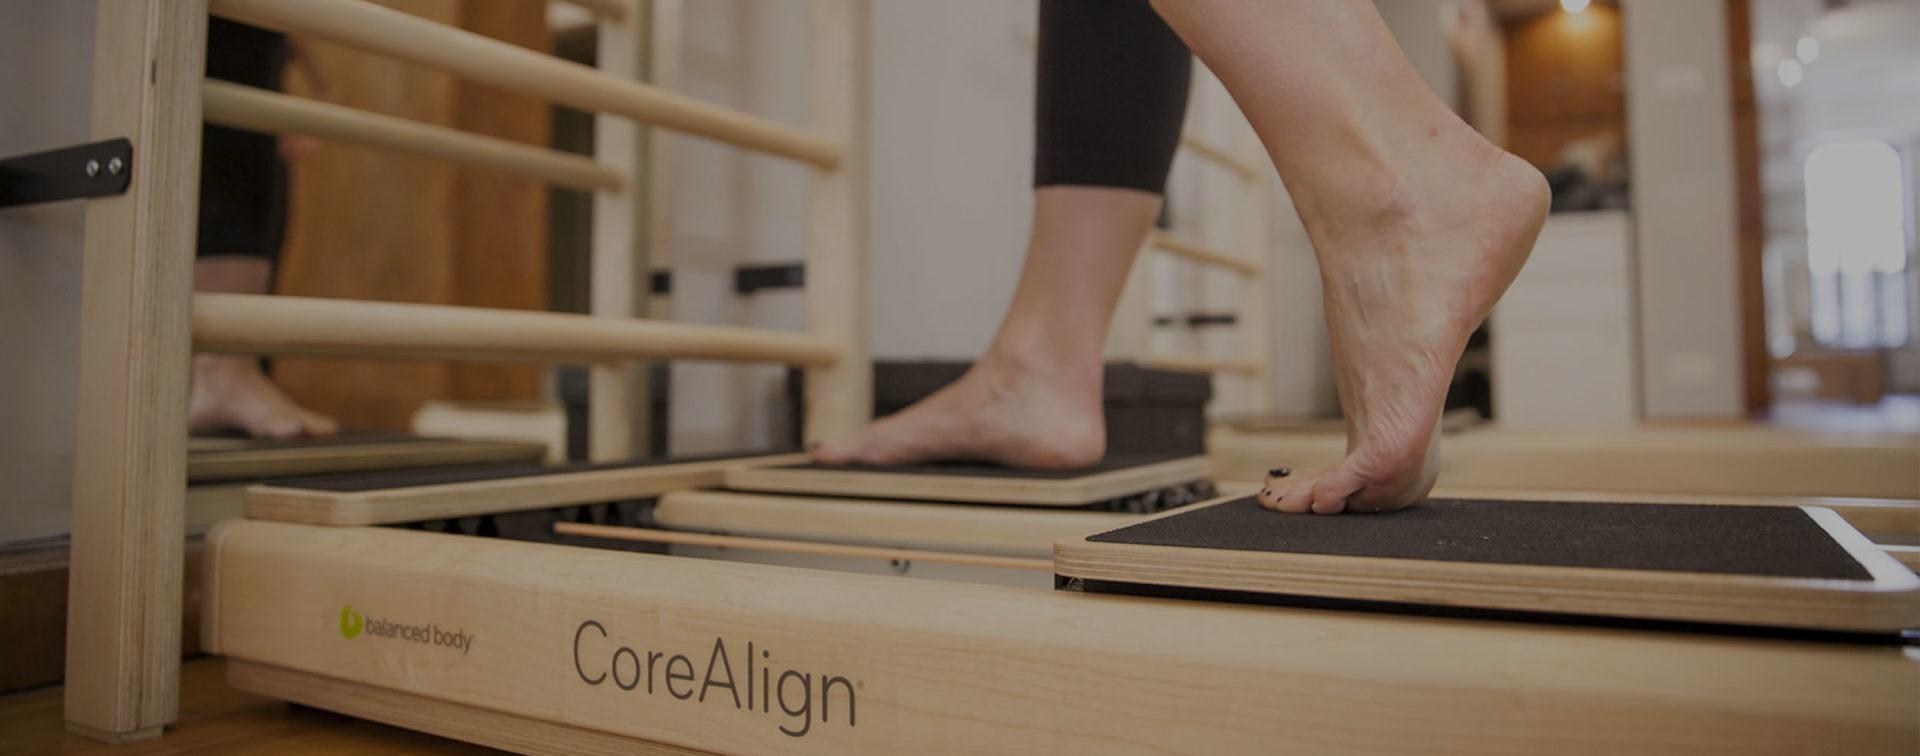 Core Align